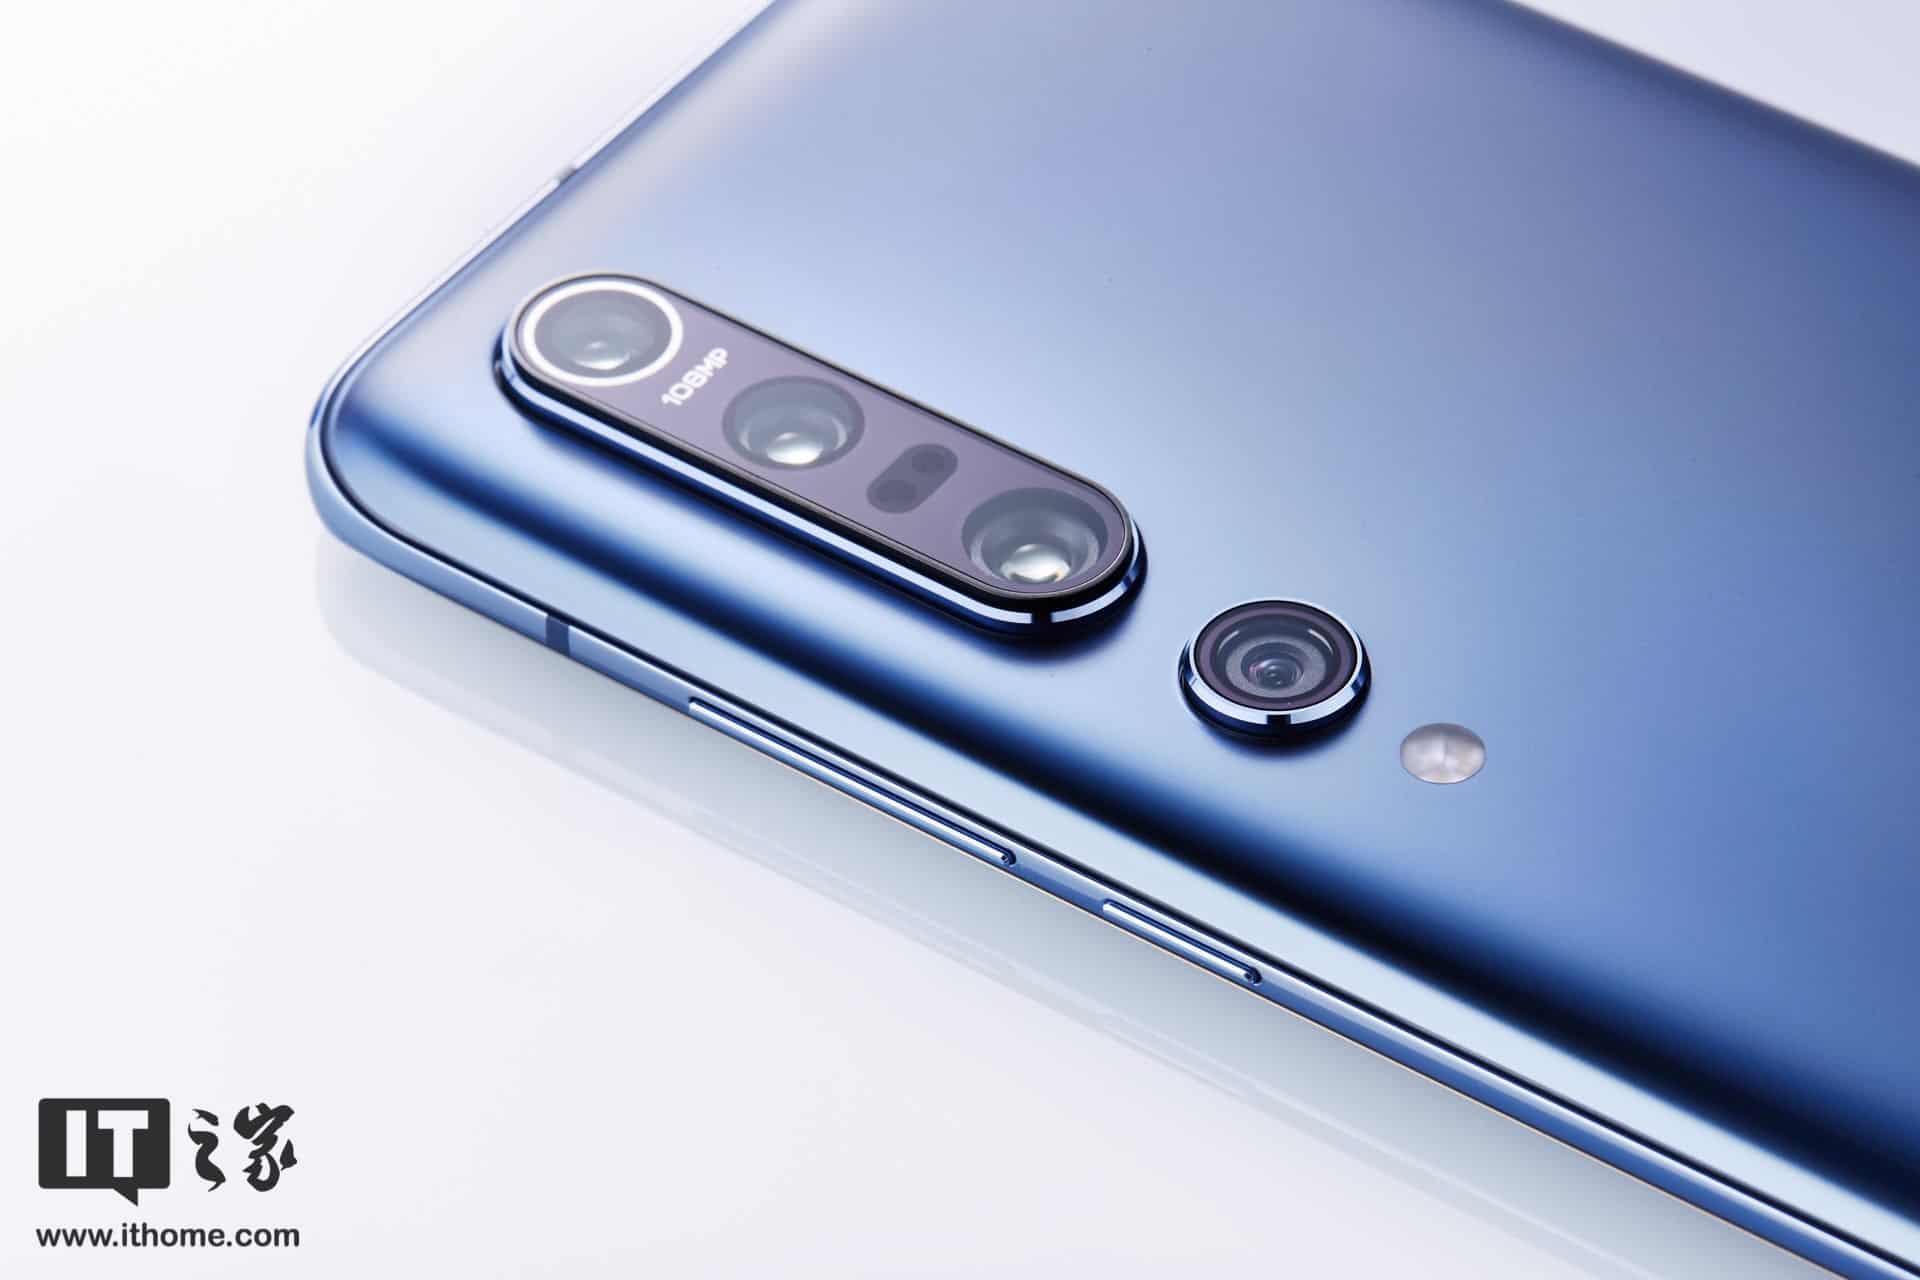 Itt van, megérkezett a Xiaomi MI 10 és Mi 10 Pro 5